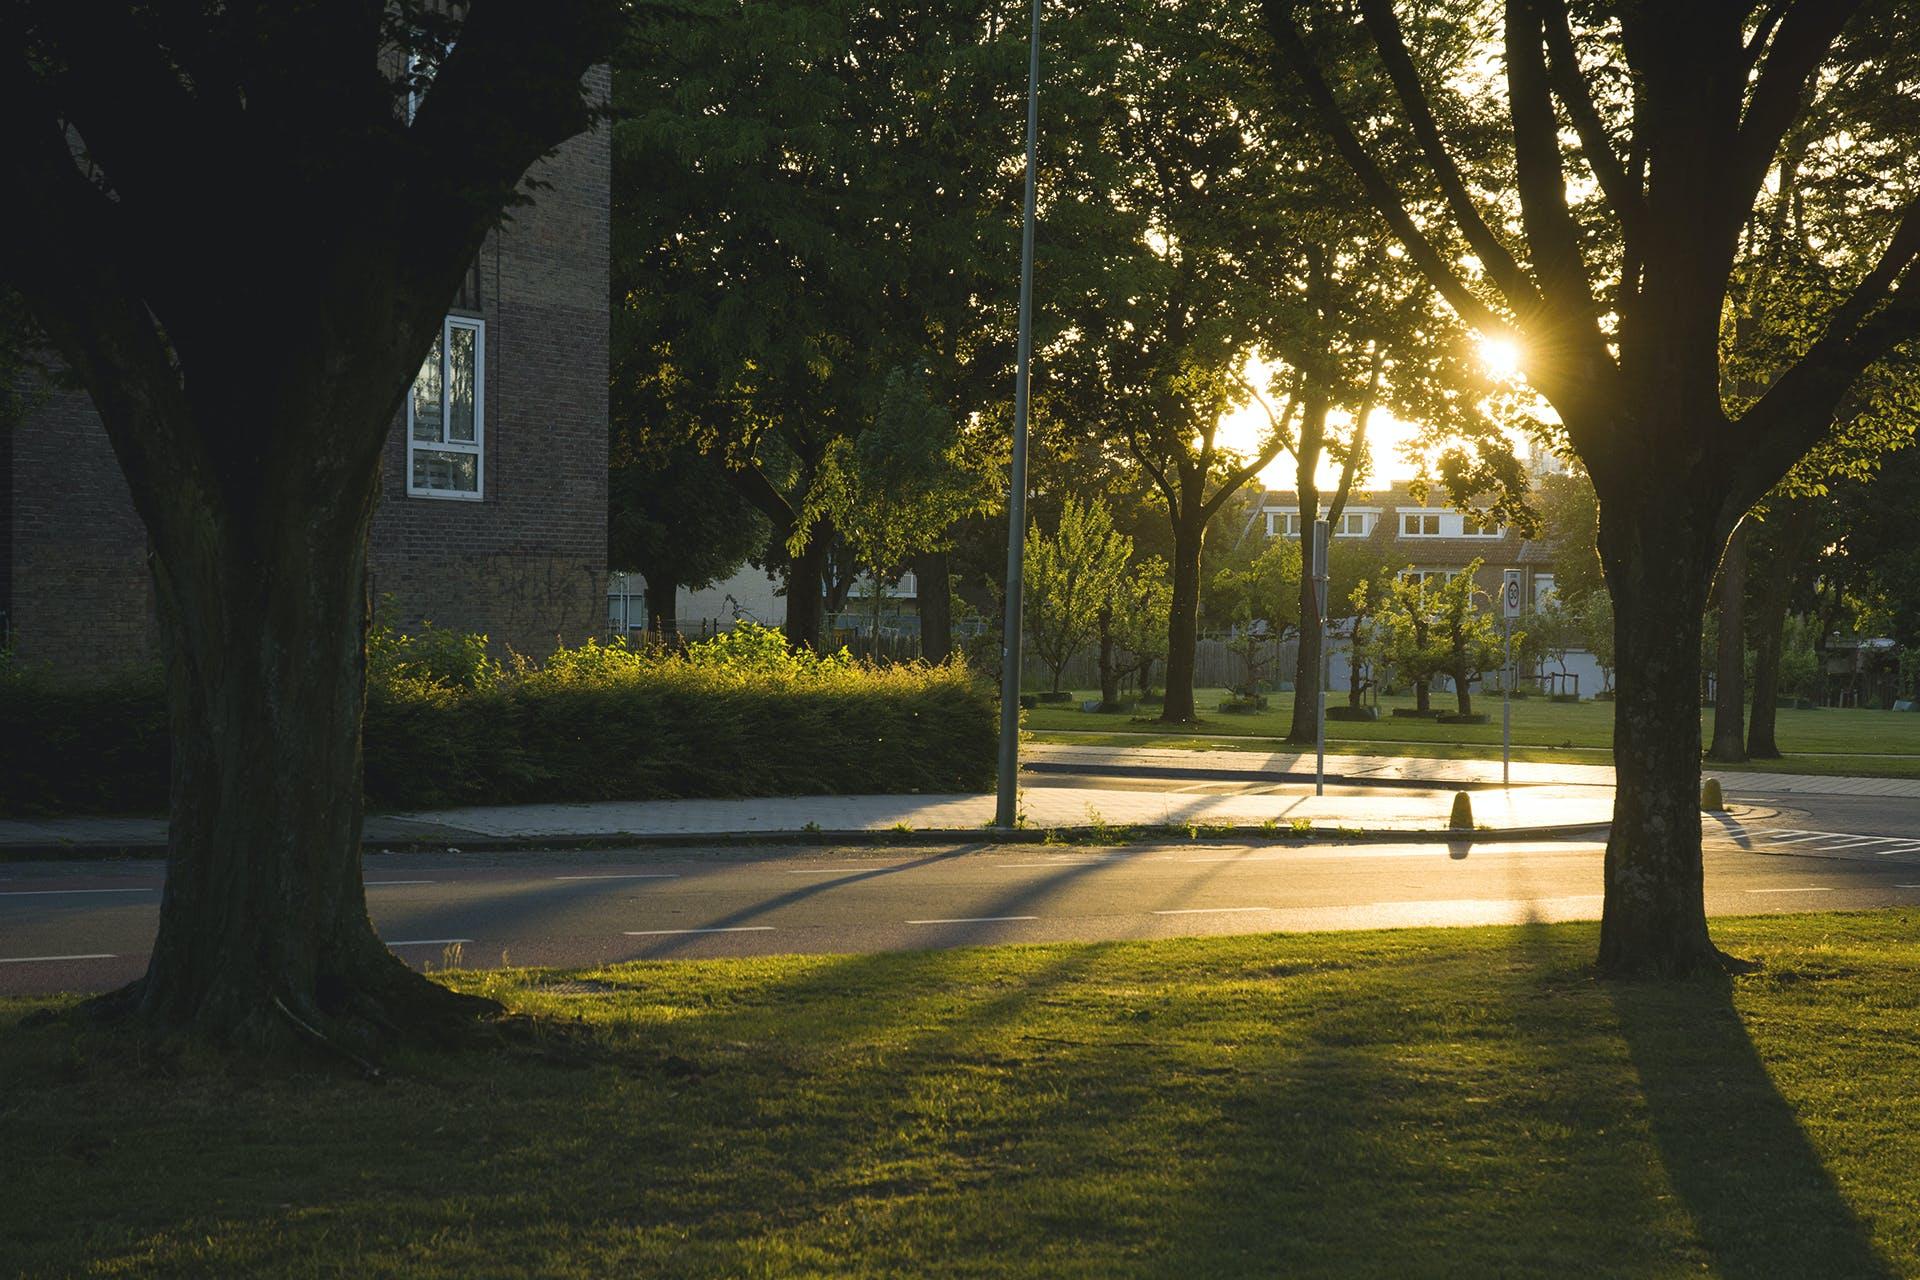 Δωρεάν στοκ φωτογραφιών με απογευματινός ήλιος, δέντρα, δρόμοι, ηλιακό φως